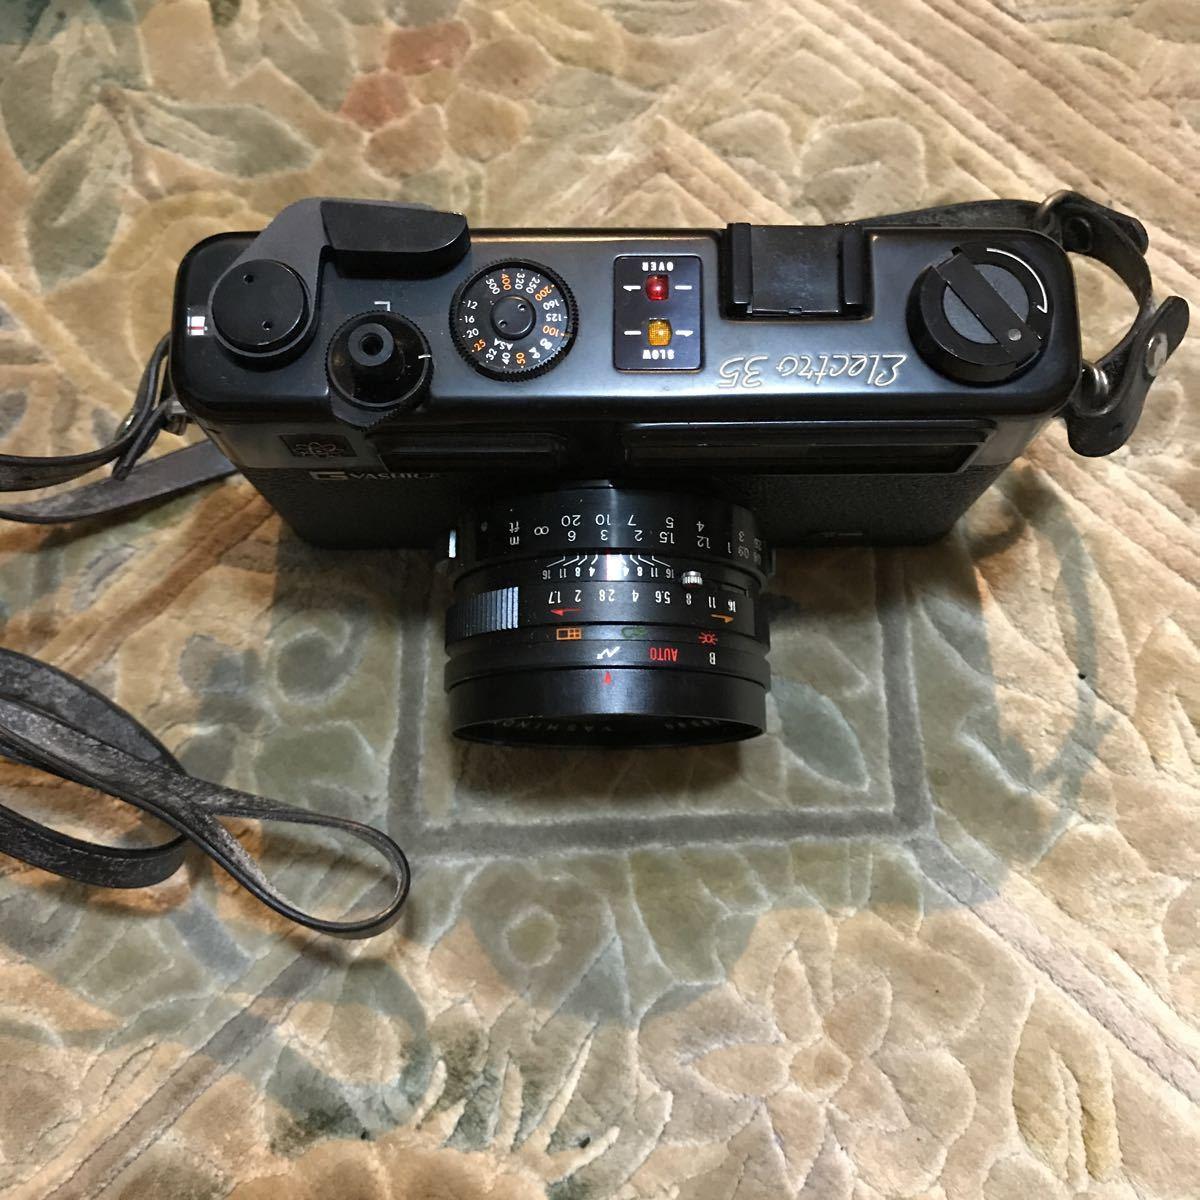 Yashica Electro 35 GT ブラック ヤシカ エレクトロ 35 レンジファインダー 一眼レフ フィルムカメラ_画像5